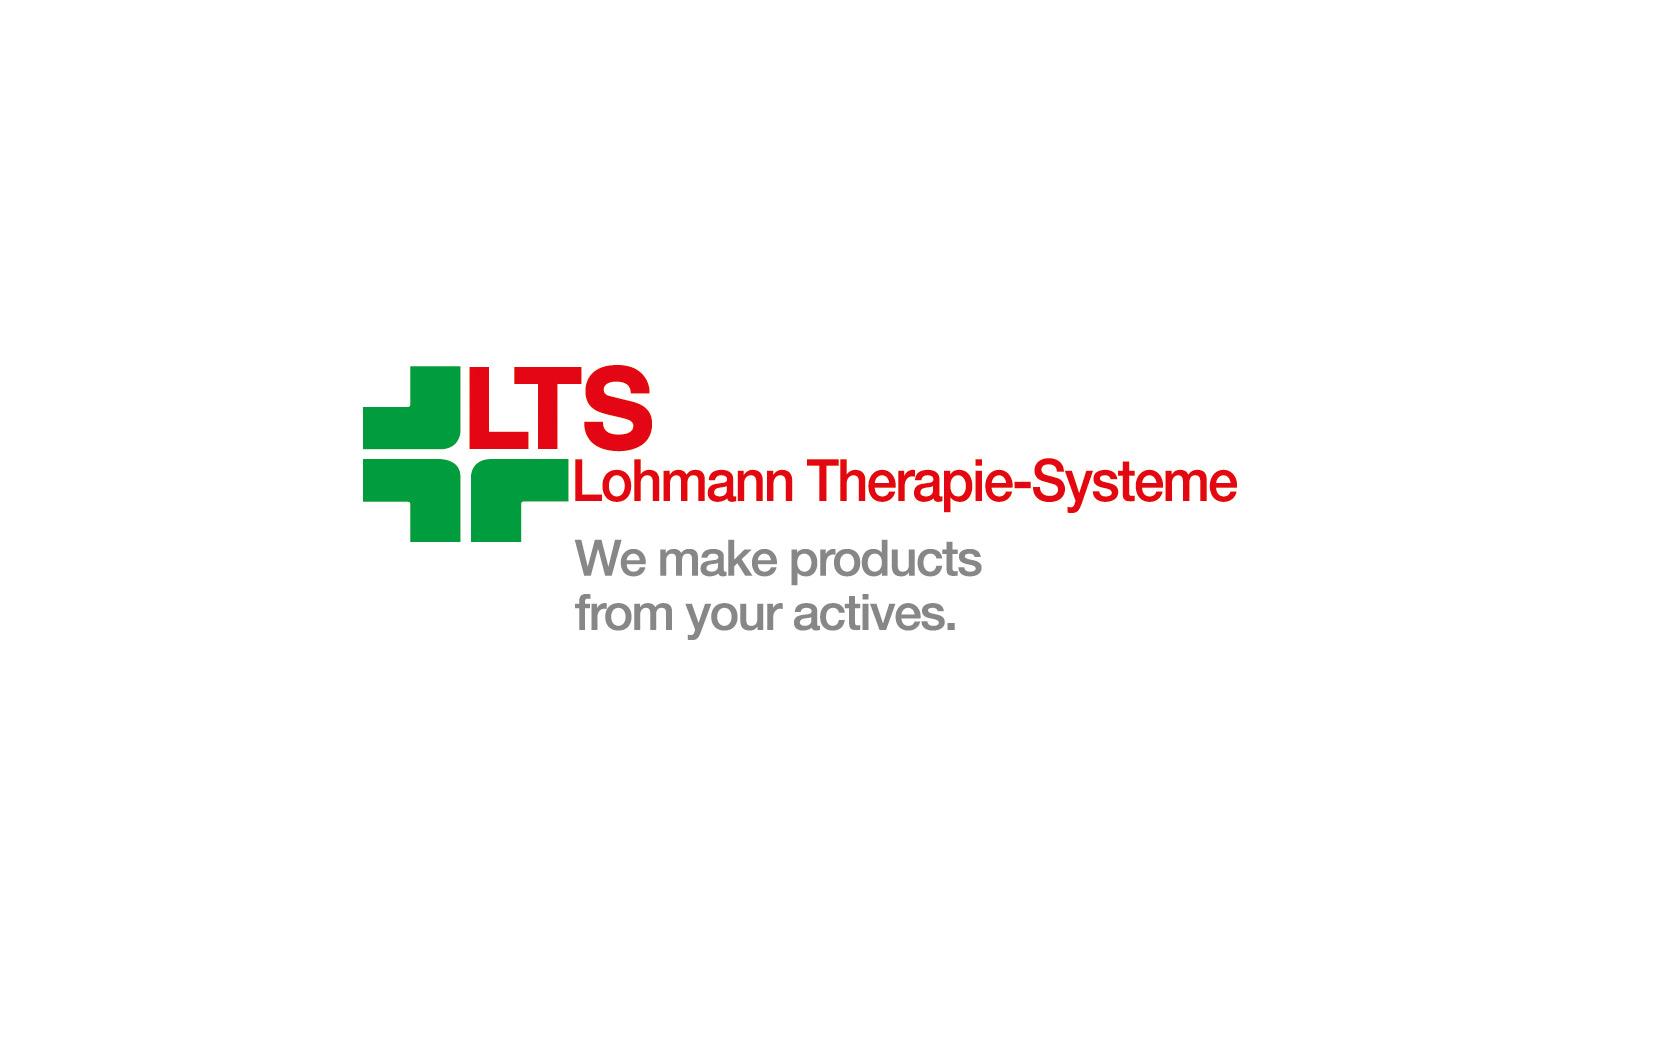 LTS Lohmann